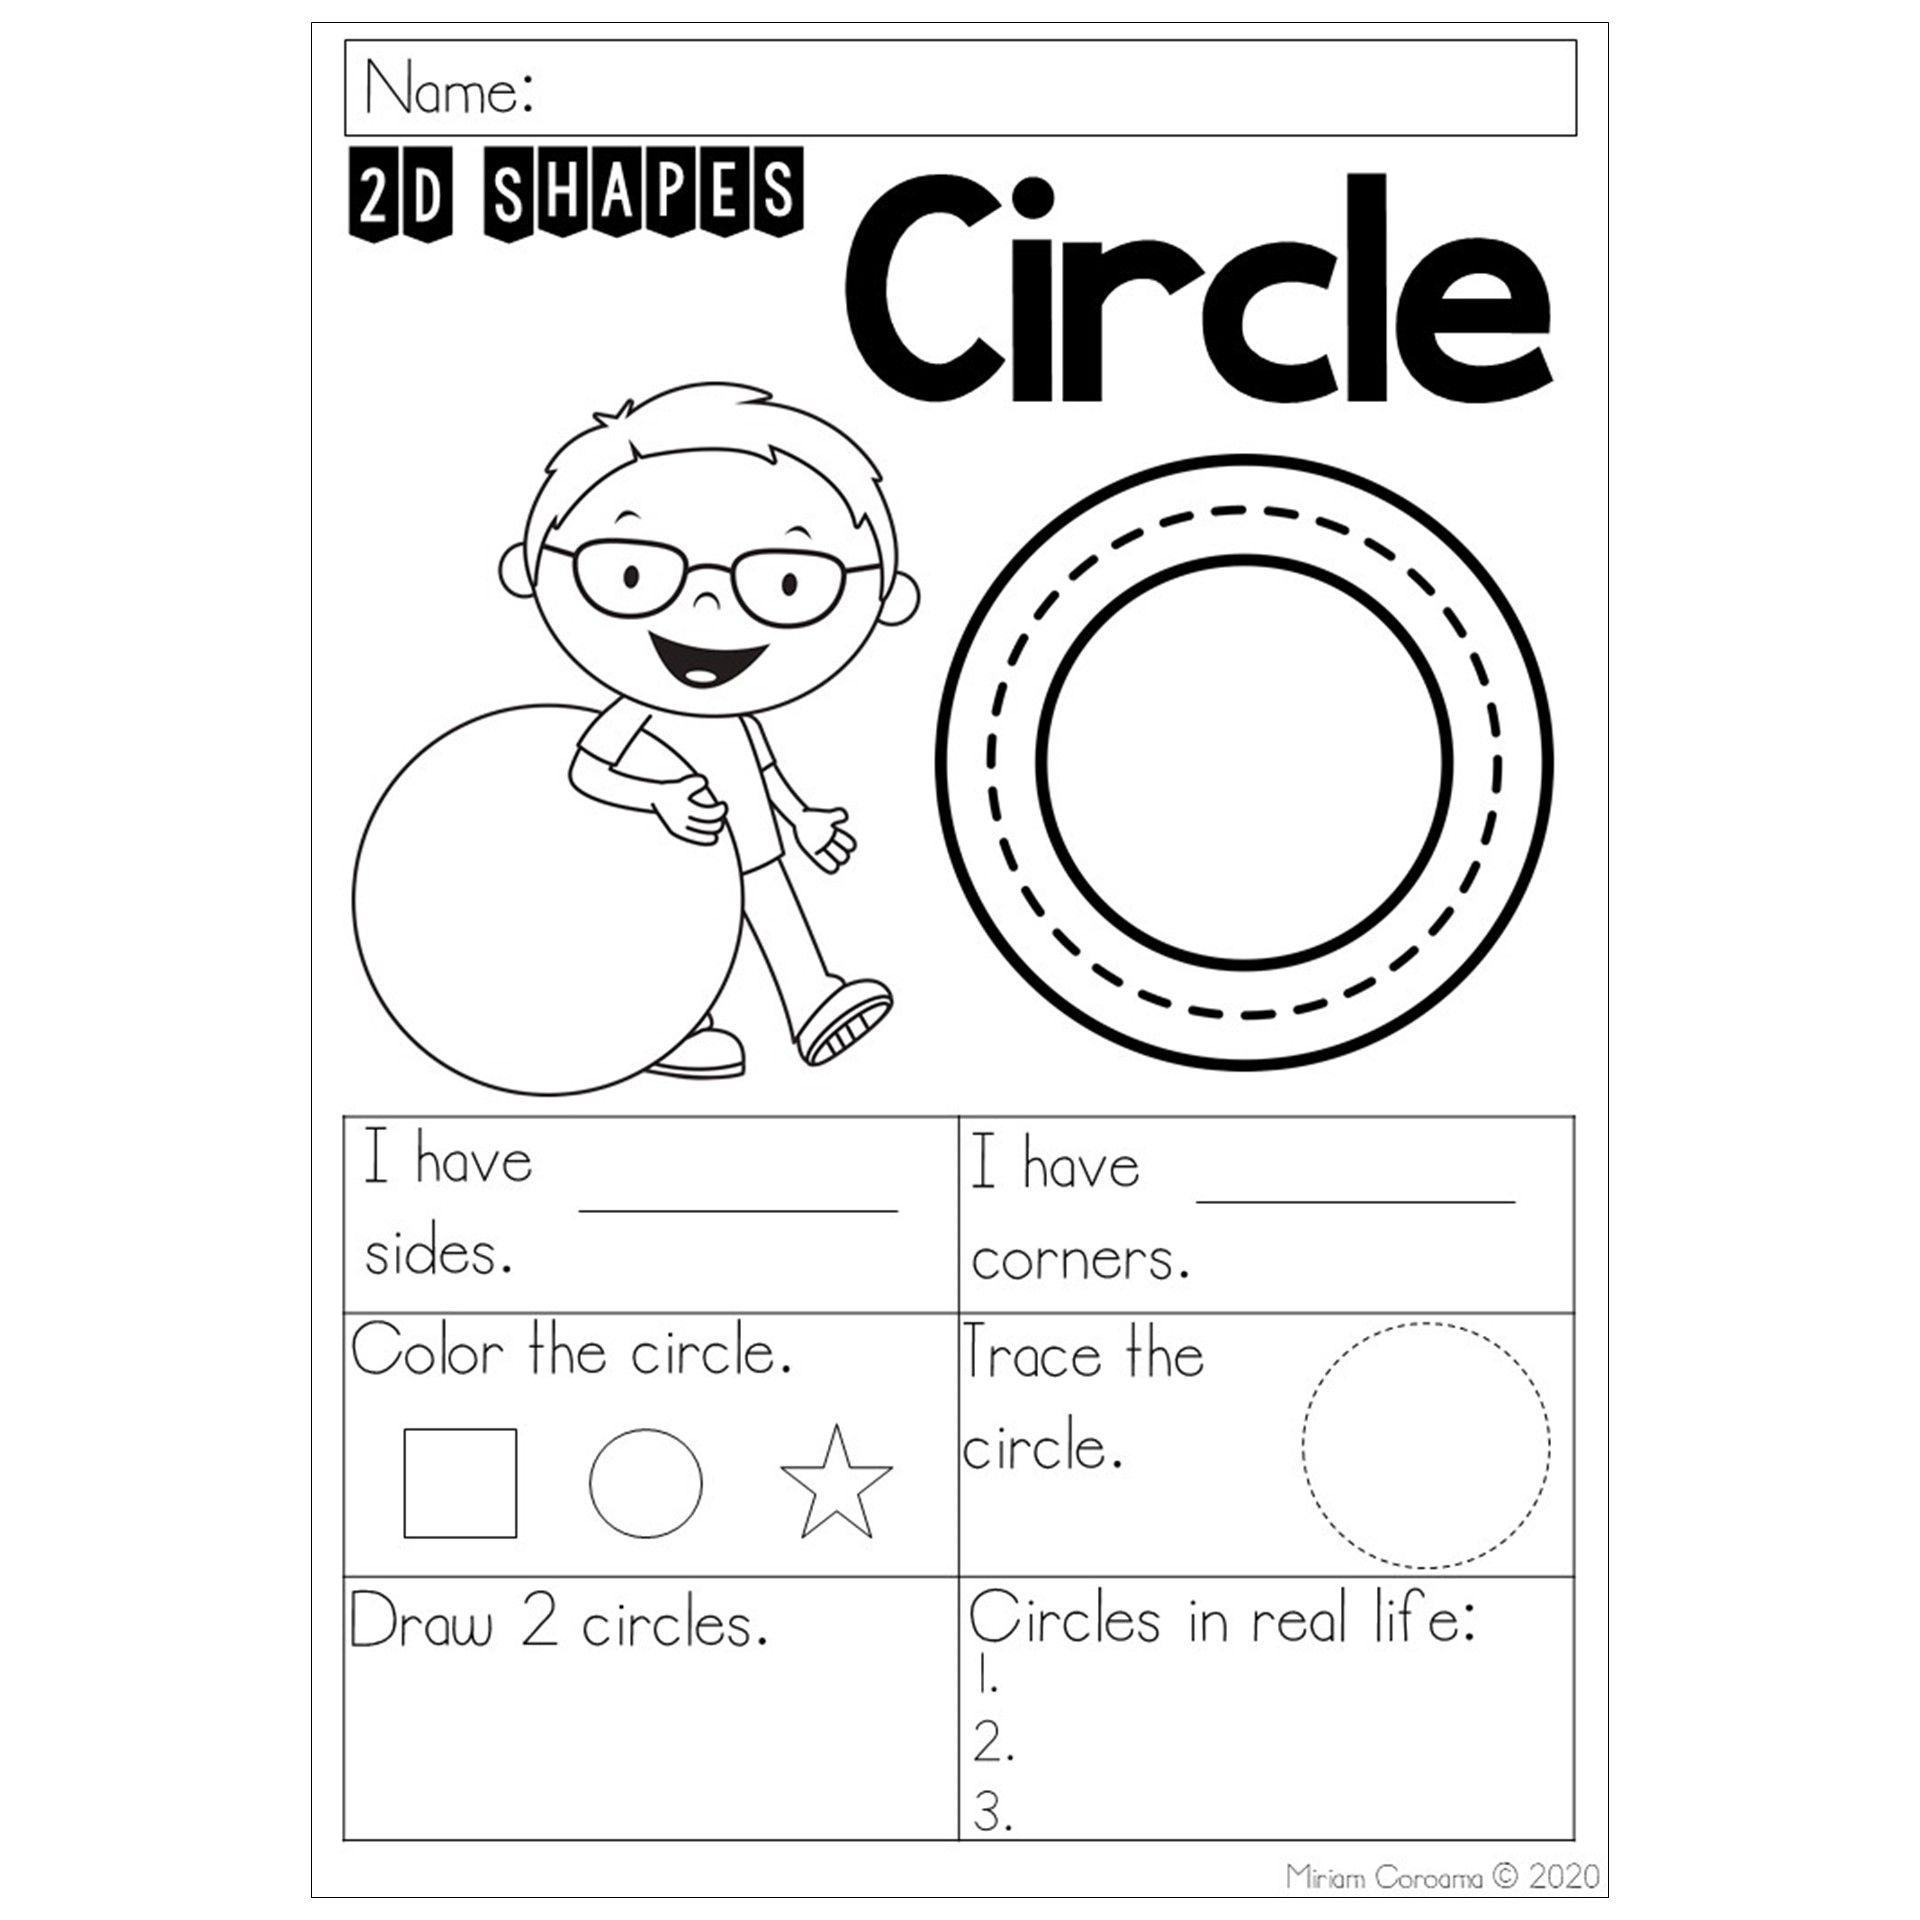 2d Shapes Worksheets In